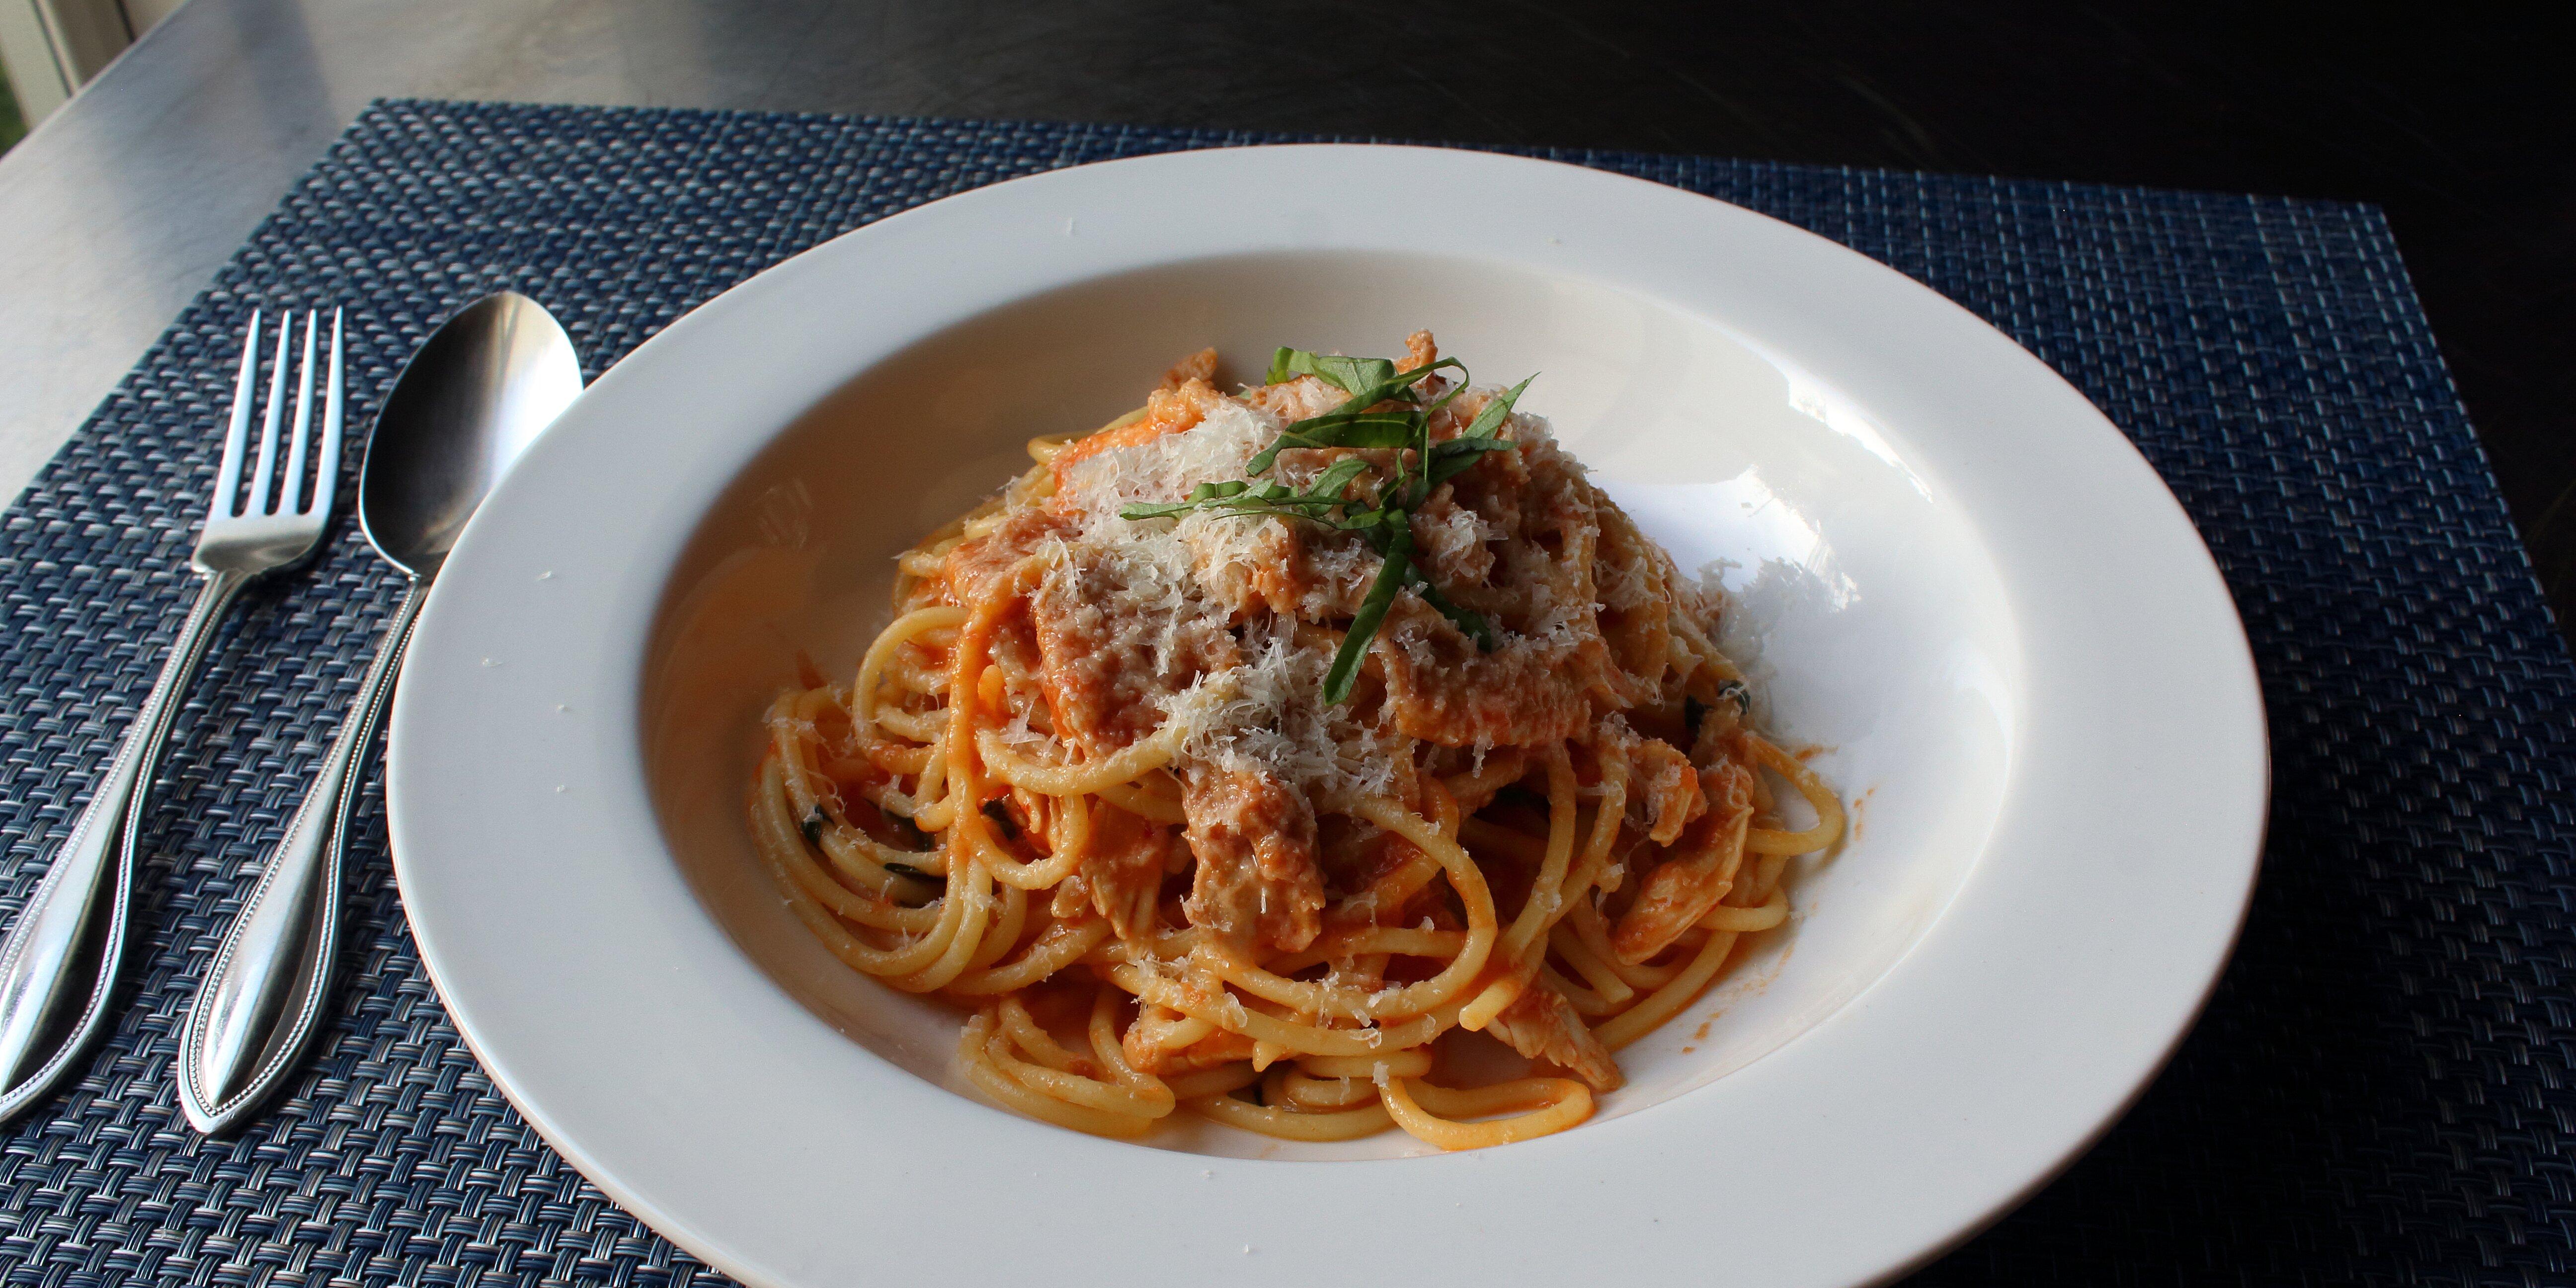 chef johns chicken spaghetti recipe